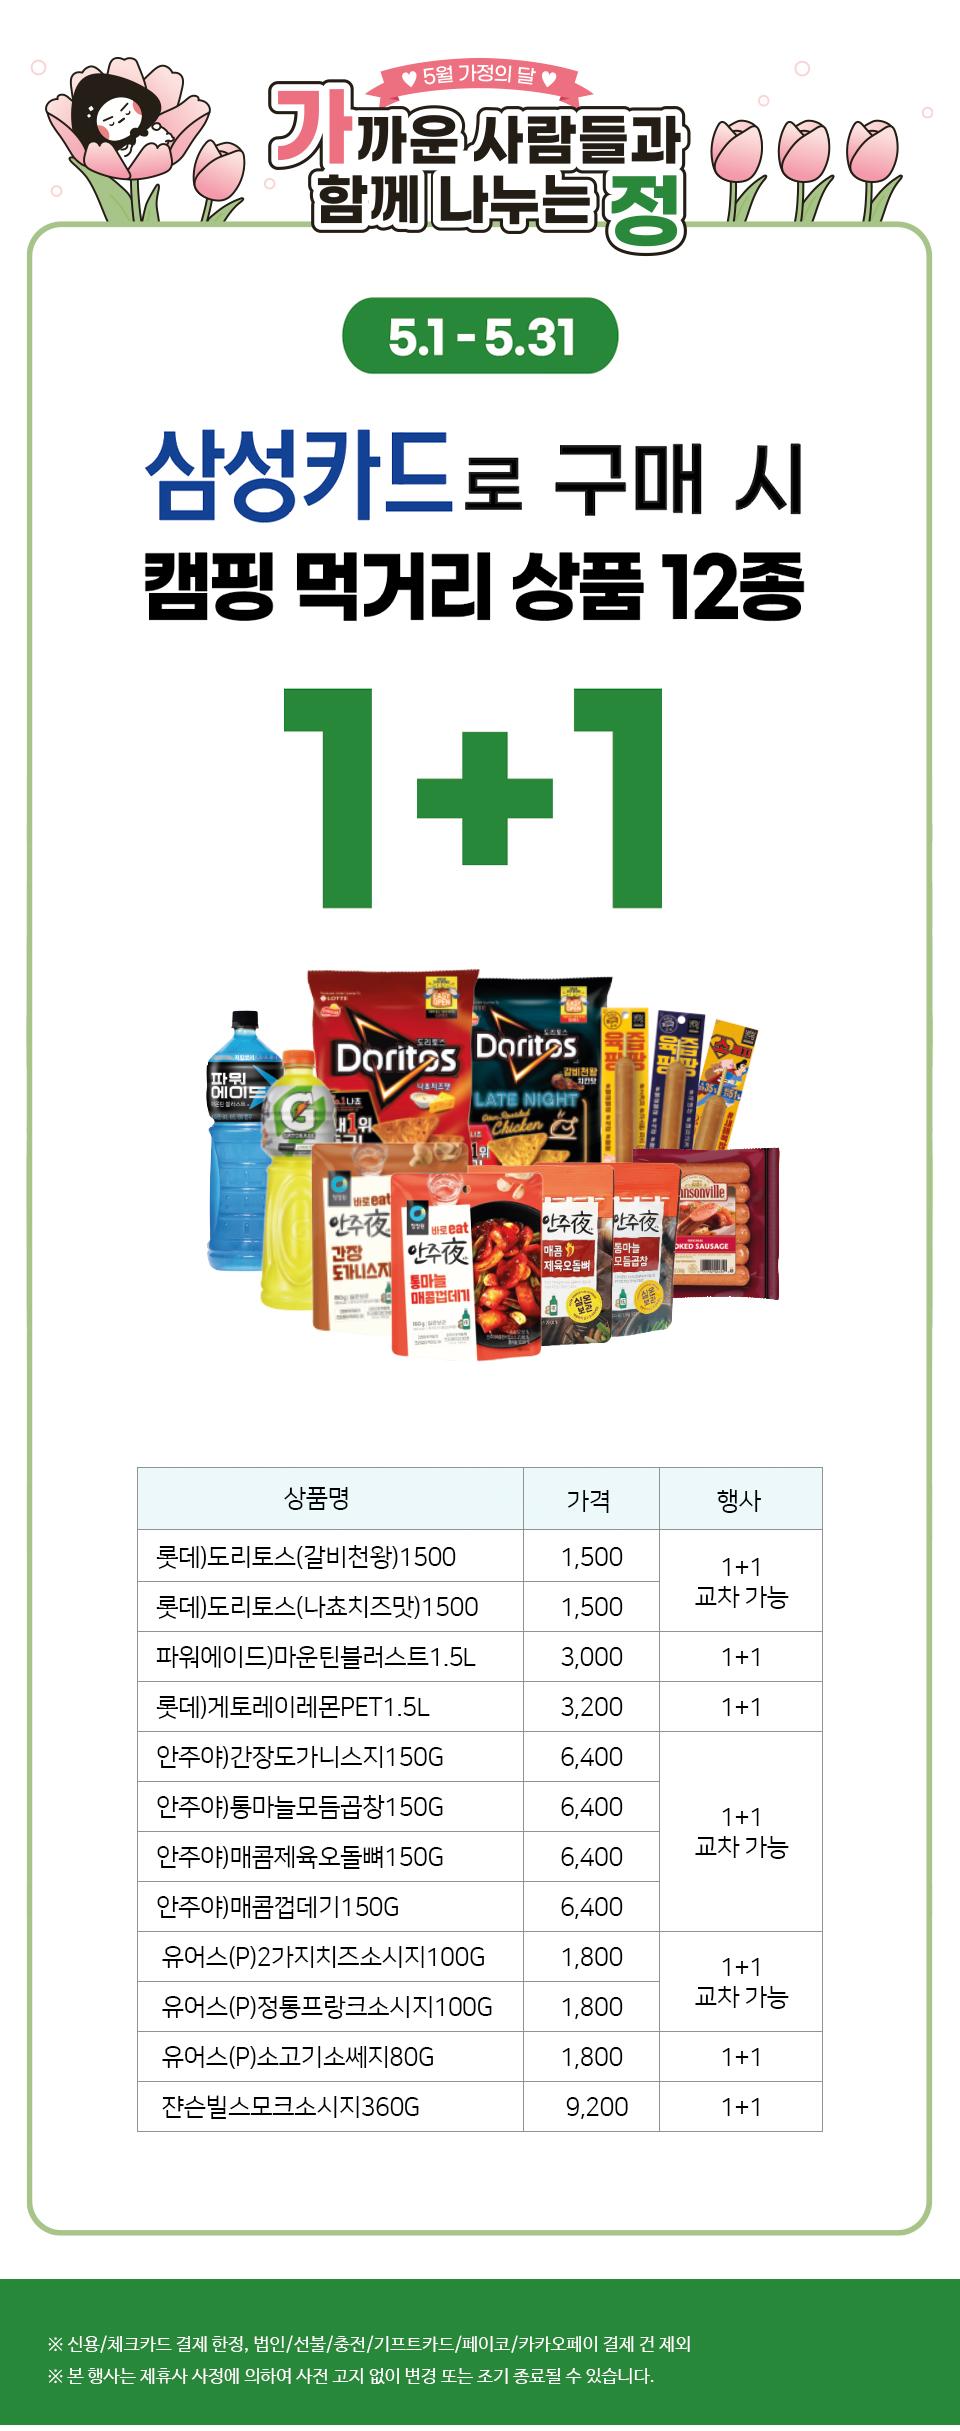 삼성카드로 구매 시 캠핑 먹거리 상품 12종 1+1